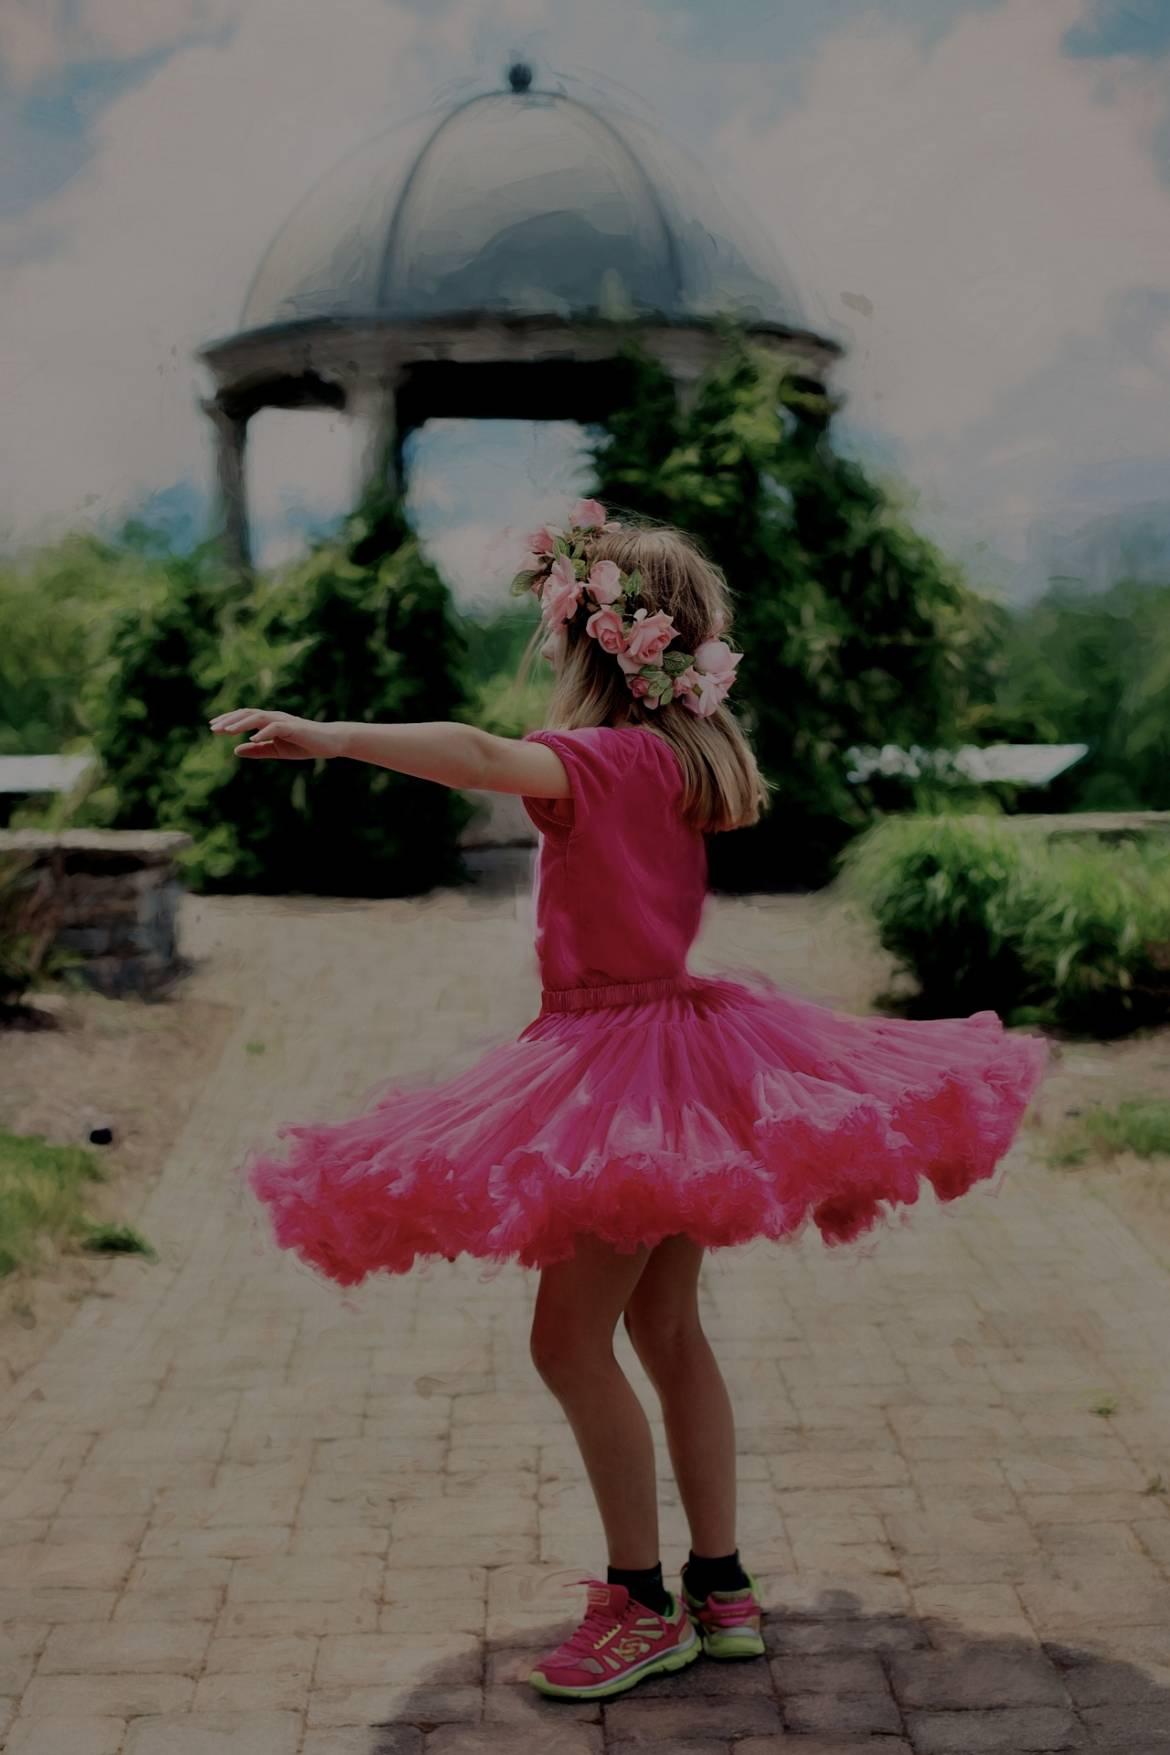 little-girl-twirling-773023_1920-1.jpg